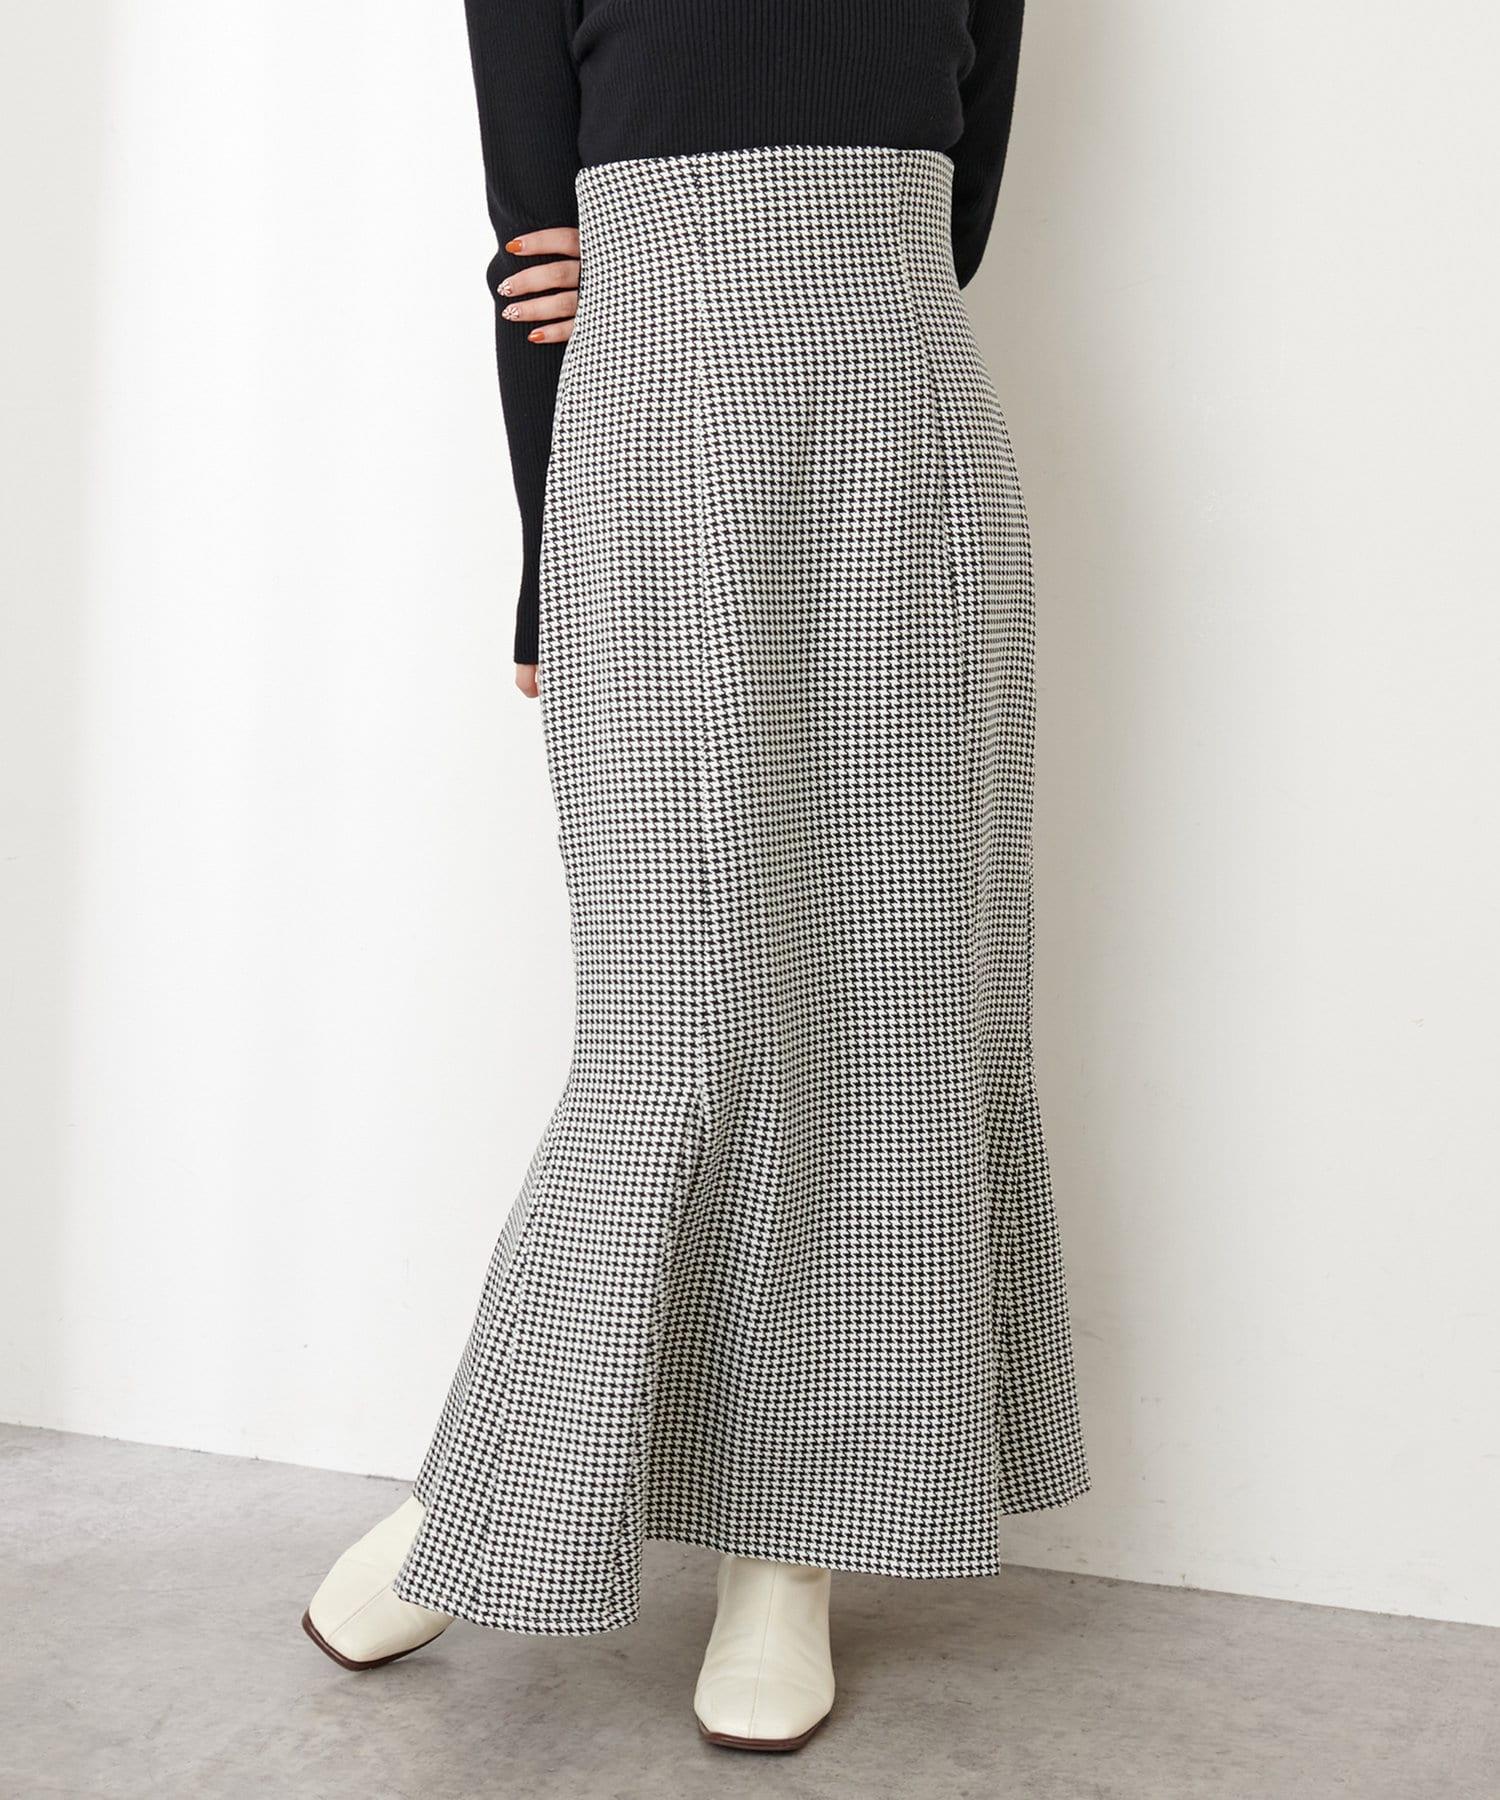 natural couture(ナチュラルクチュール) 【WEB限定カラー有り】ハイウエストスエードマーメイドスカート Sサイズ